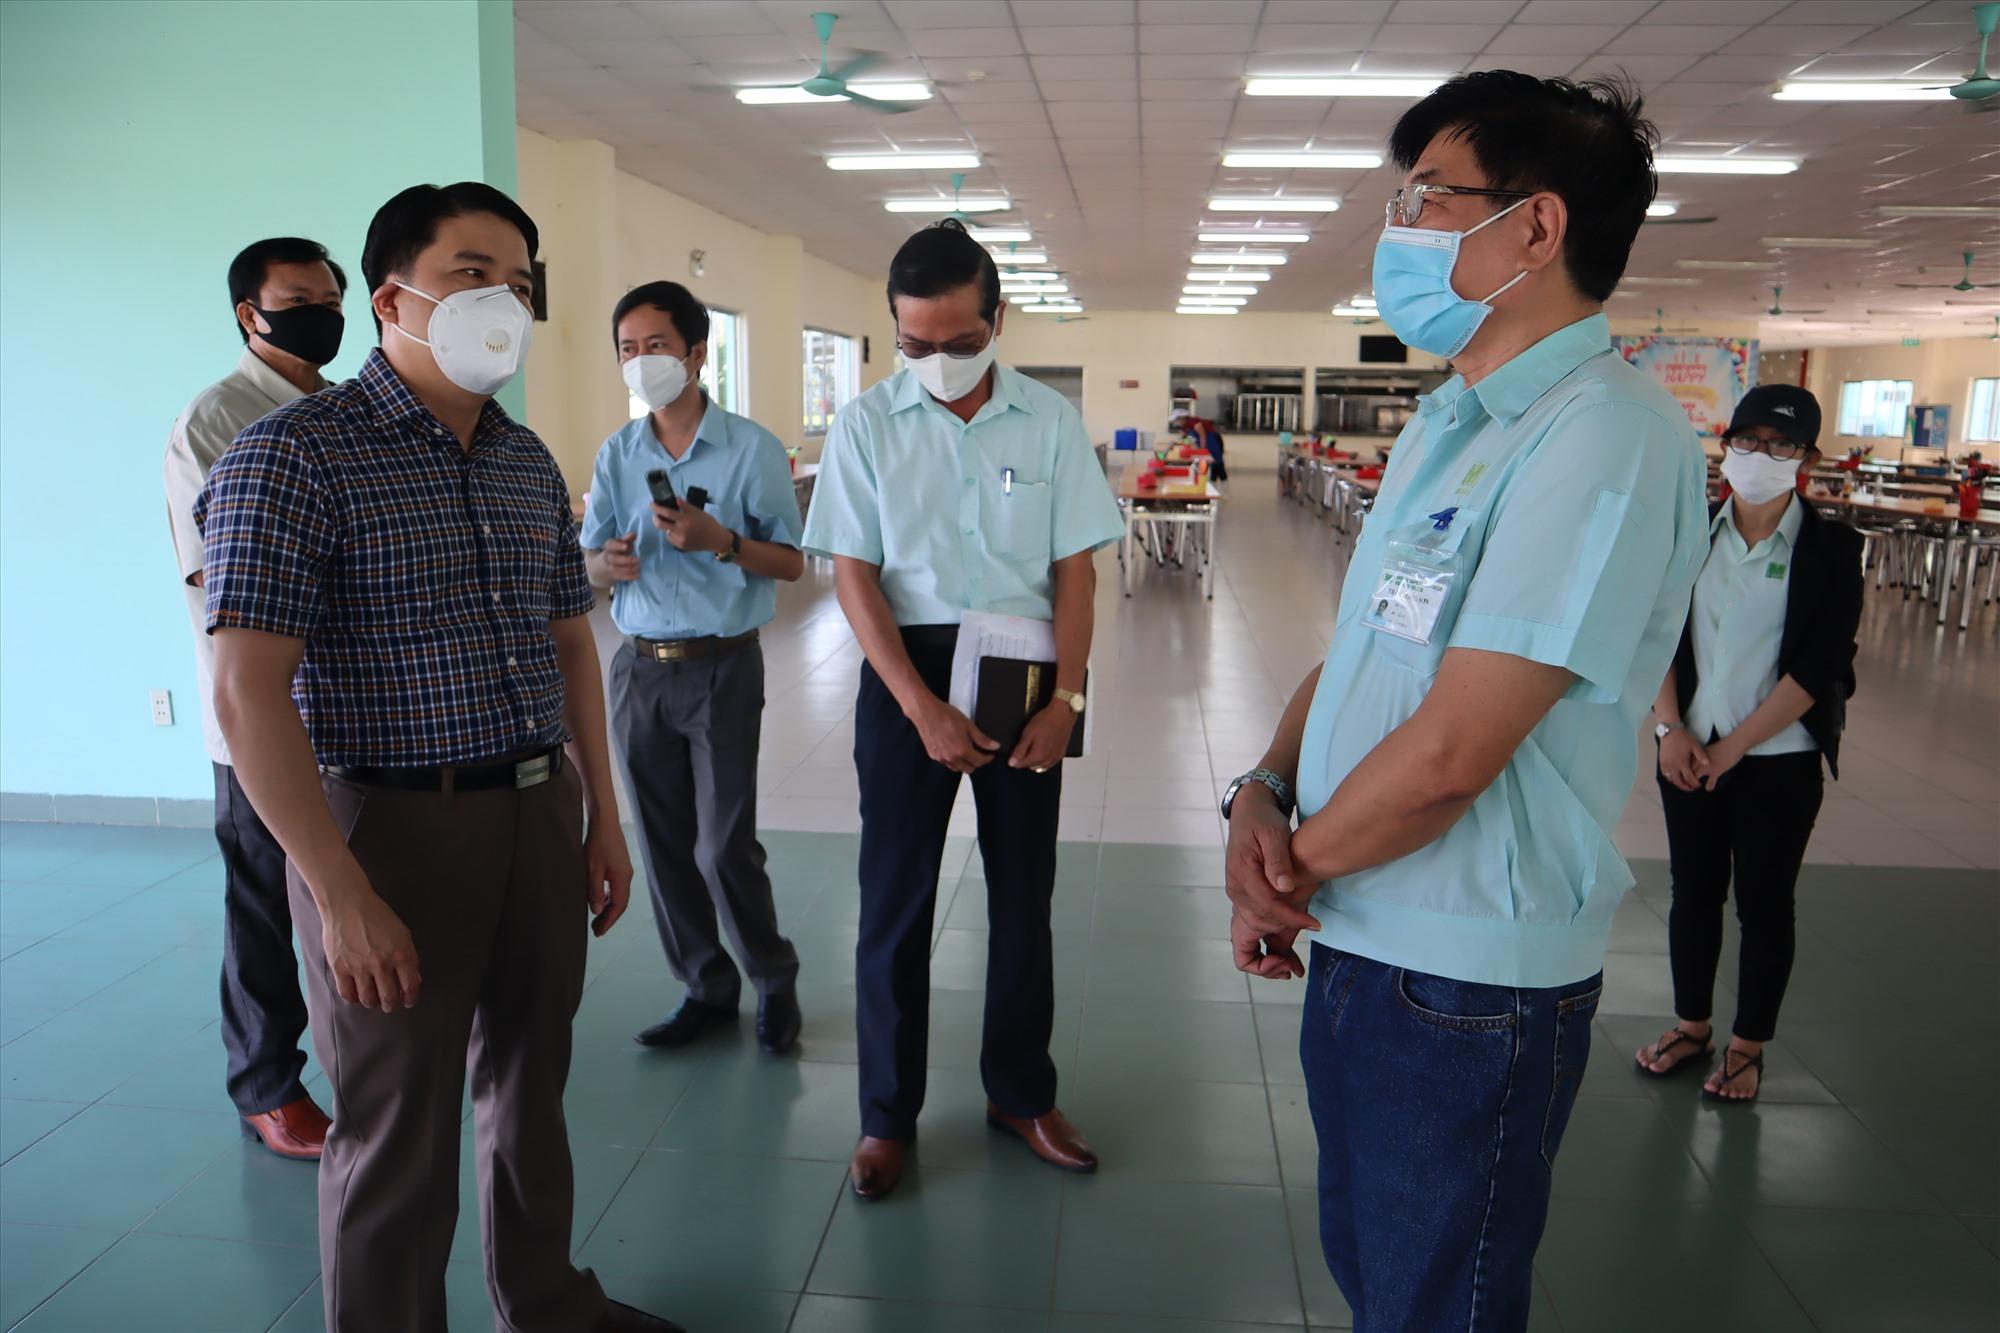 Phó Chủ tịch UBND tỉnh Trần Văn Tân kiểm tra tại công ty MIDORI Safety Footwear Việt Nam. Ảnh: Q.T